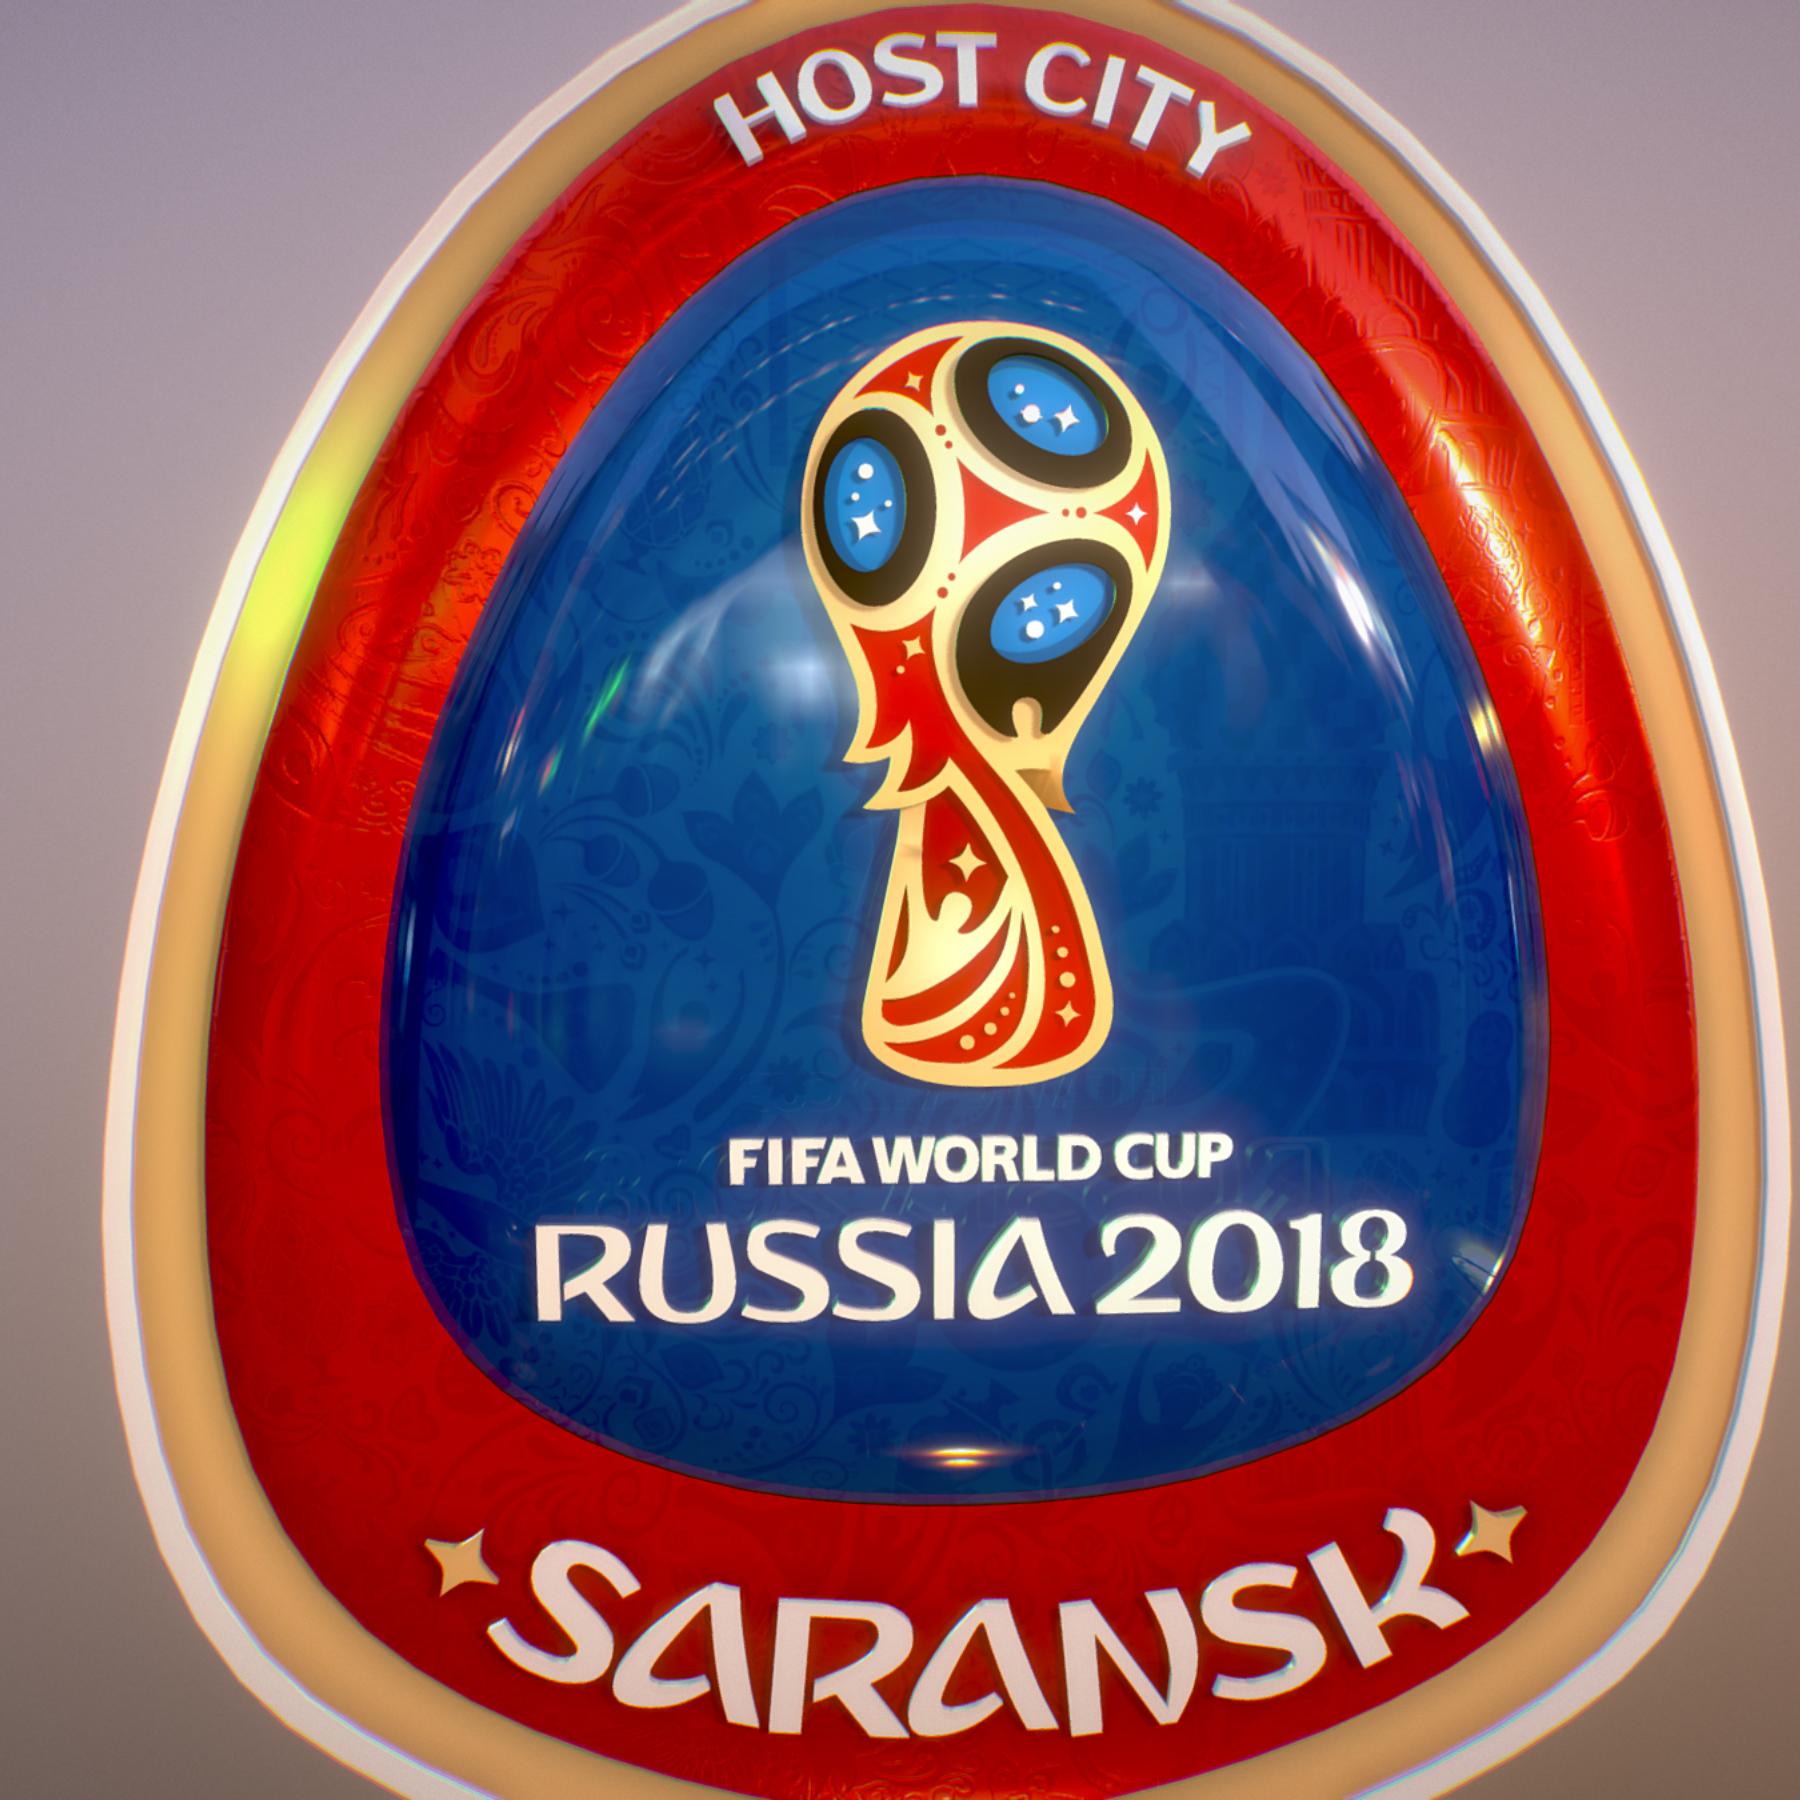 saransk domaćin grad svjetski kup rusija 2018 simbol 3d model max fbx cob jpeg jpg ma mb obj 271848